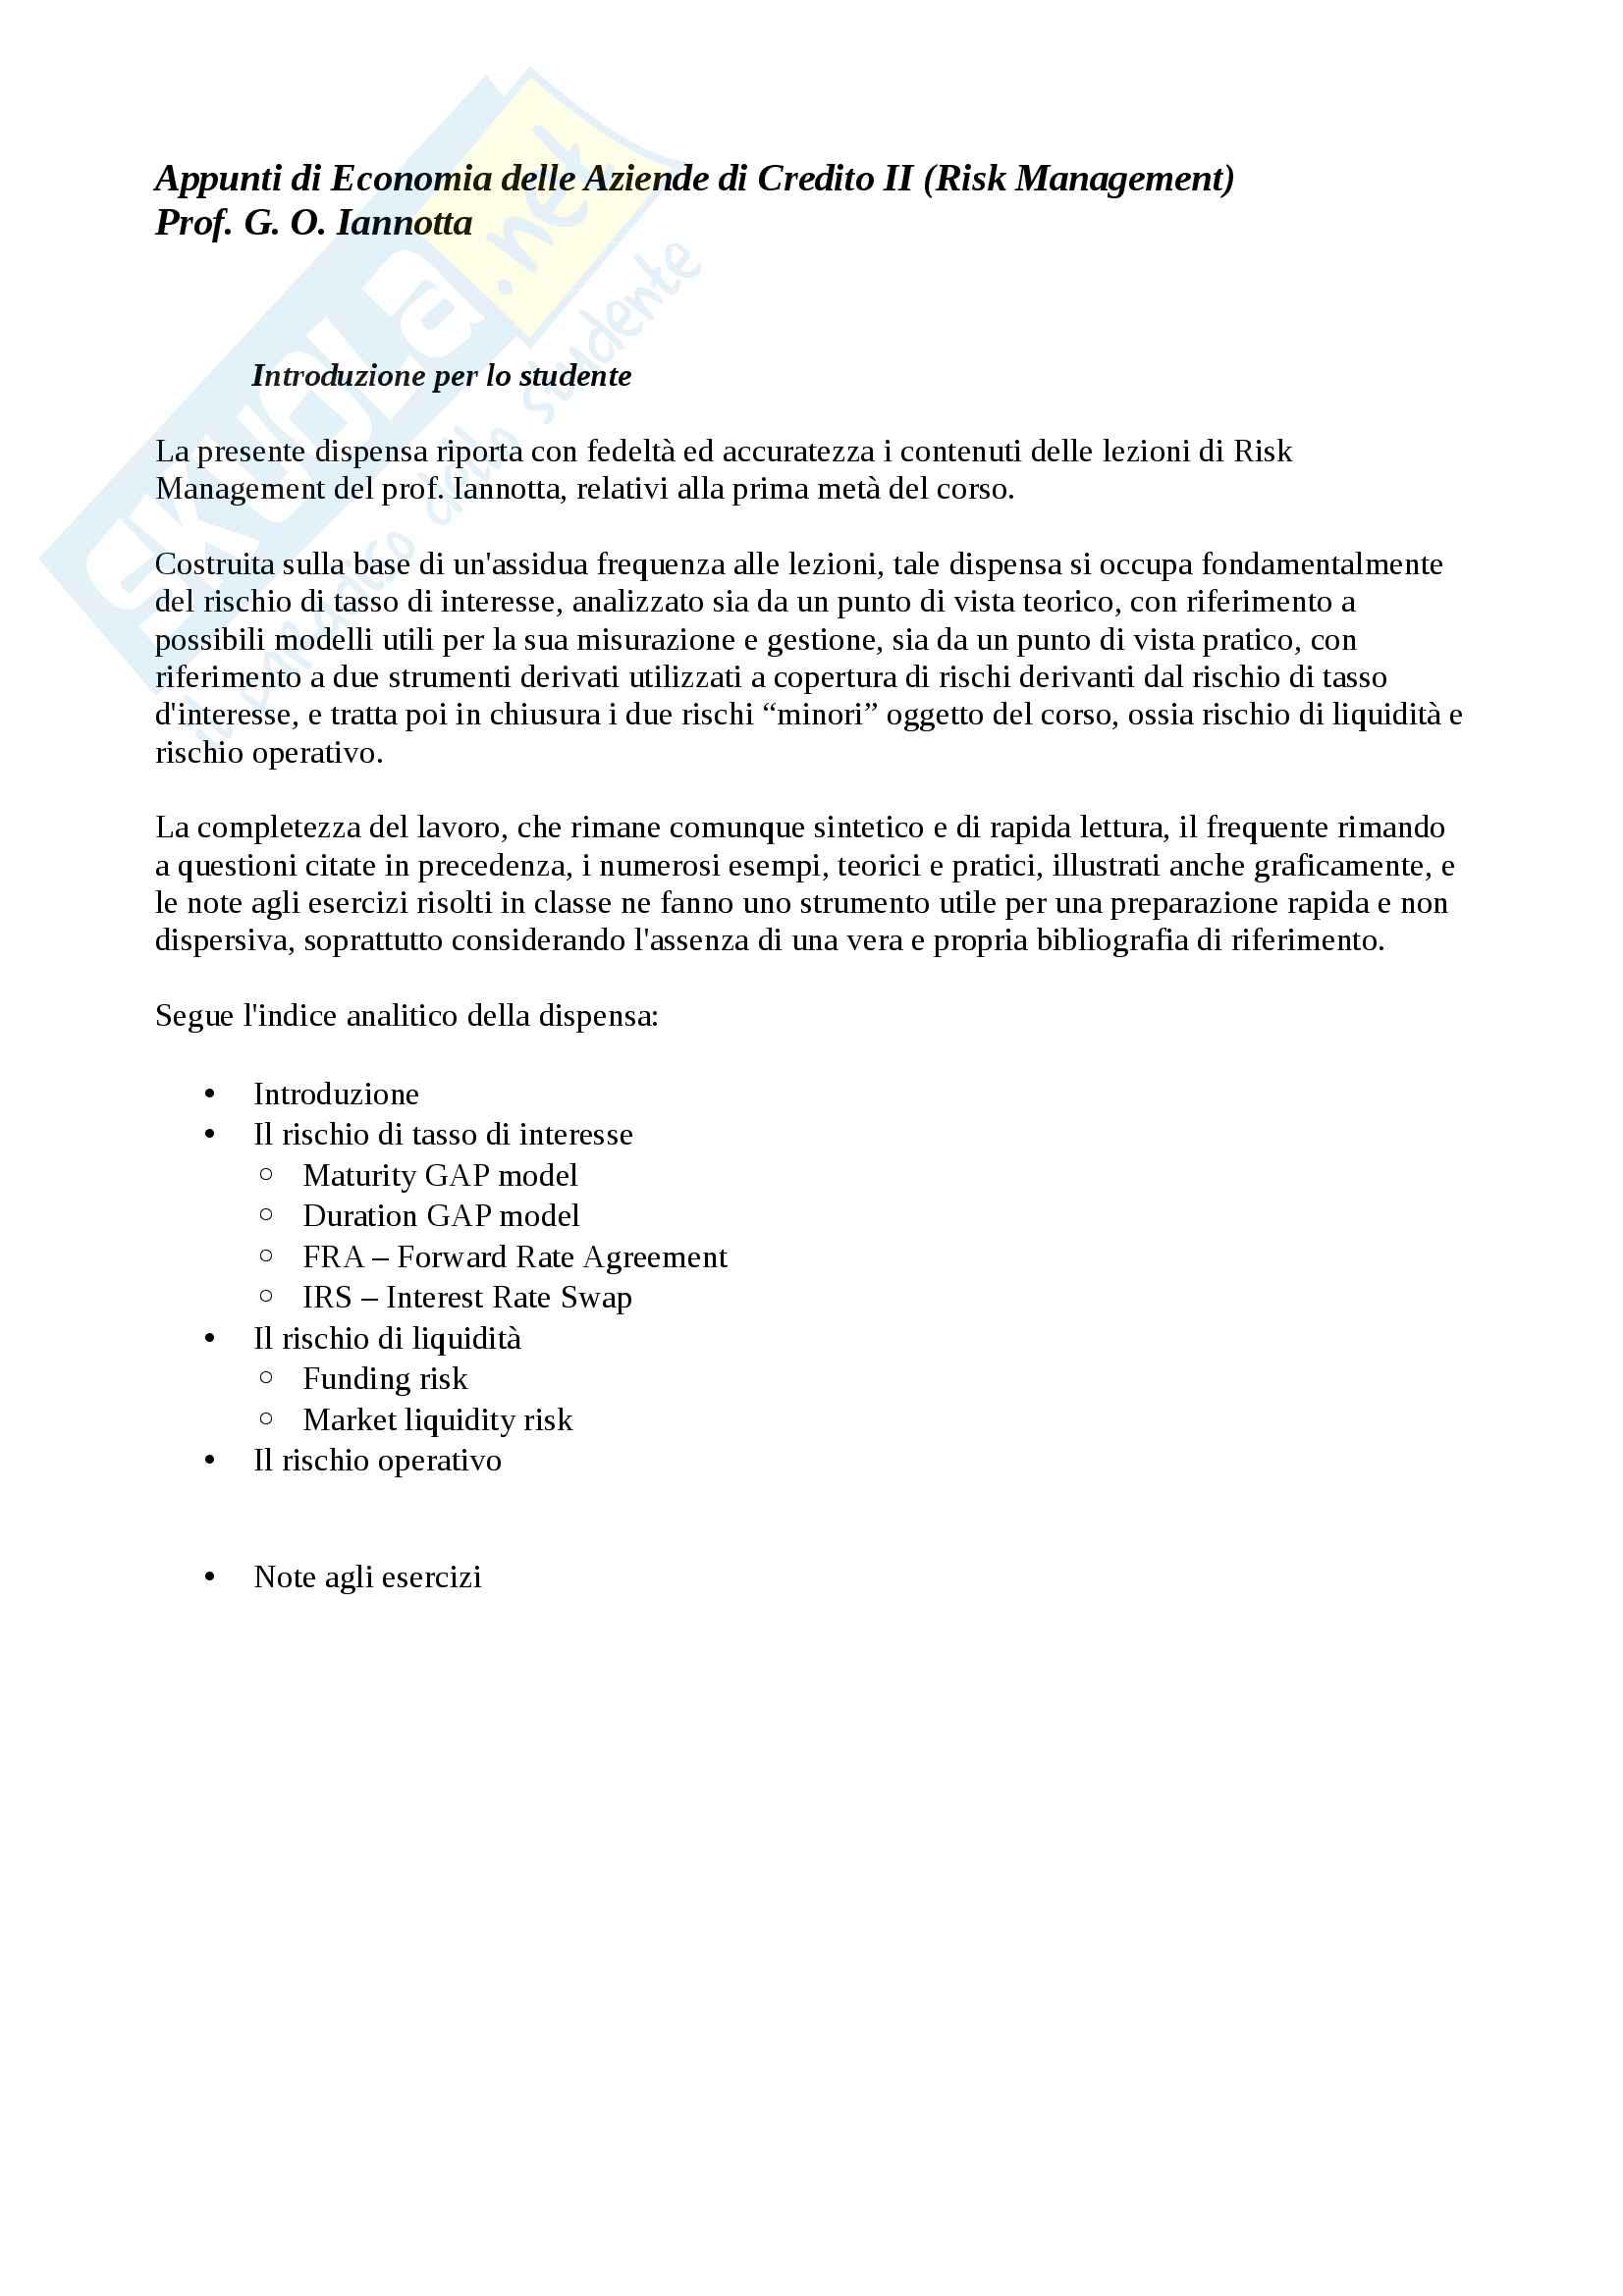 appunto G. Iannotta Economia delle Aziende di Credito II